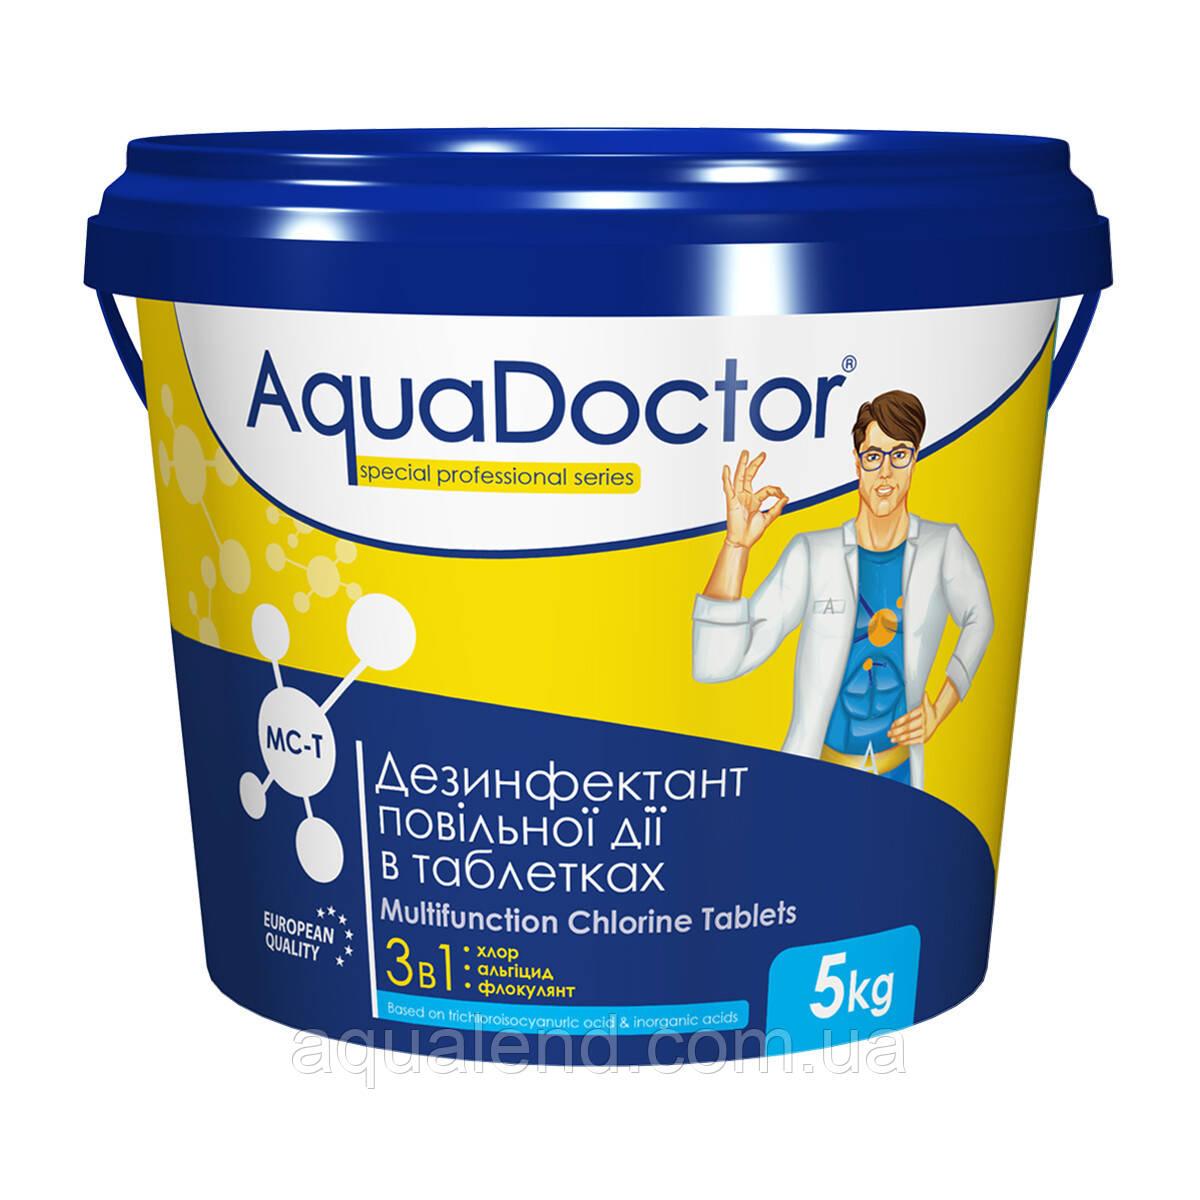 МС-Т, 50кг, комбинированные таблетки на основе хлора, AquaDoctor